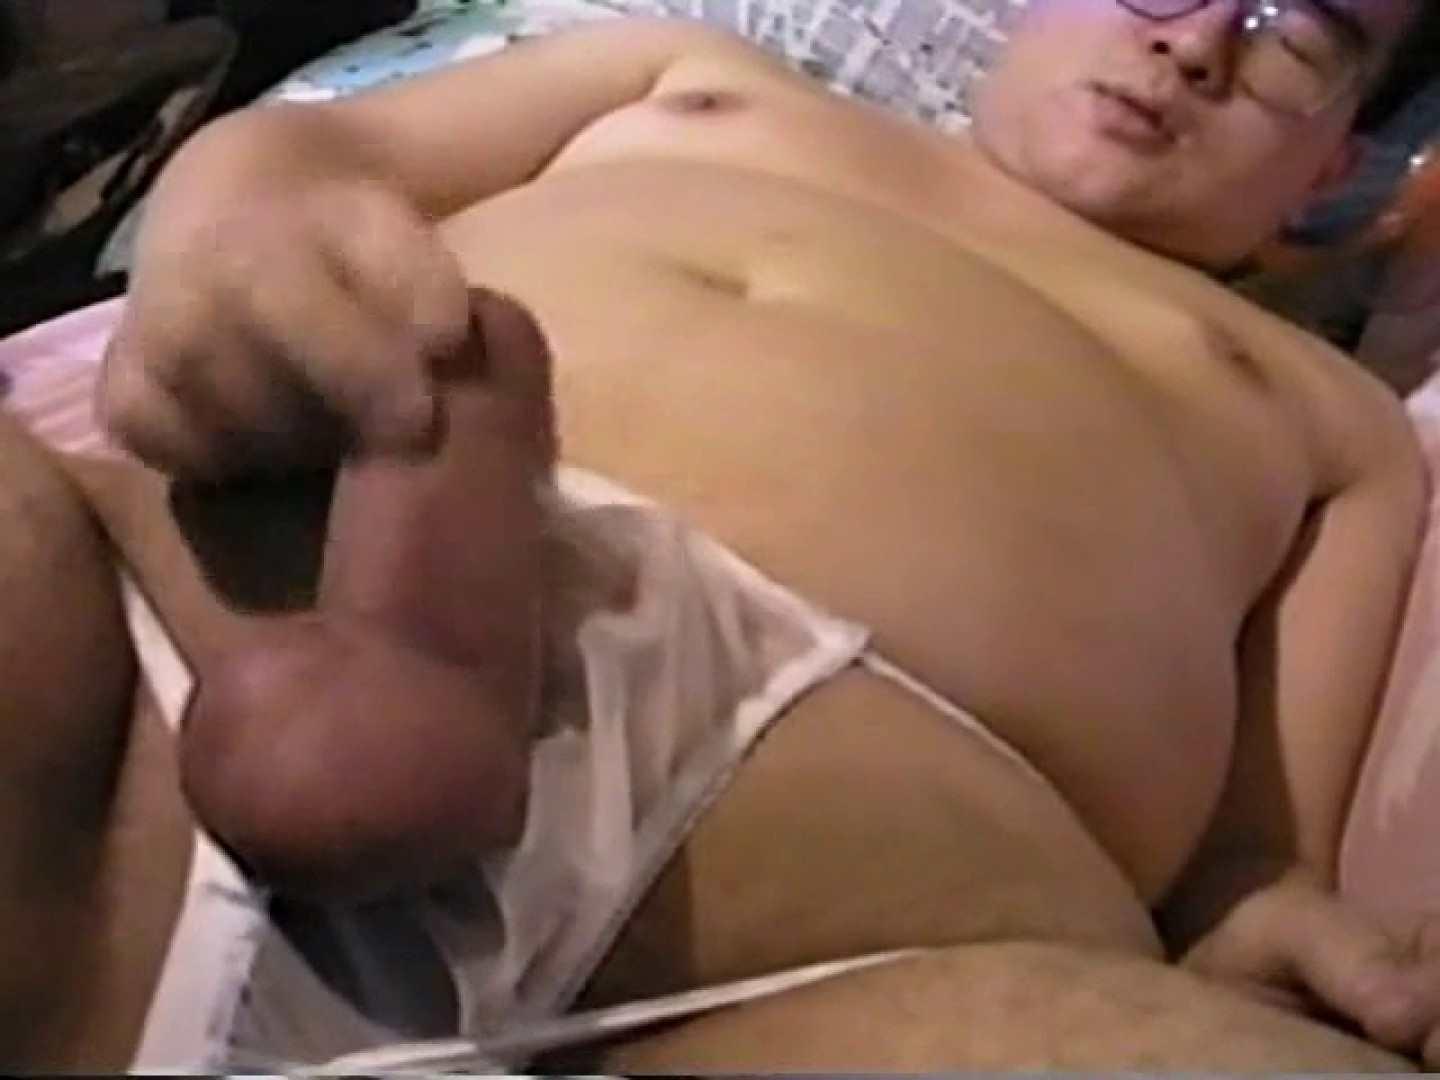 デブのマッタリオナニーVOL.3 デブ   オナニー ゲイエロ動画 102pic 65